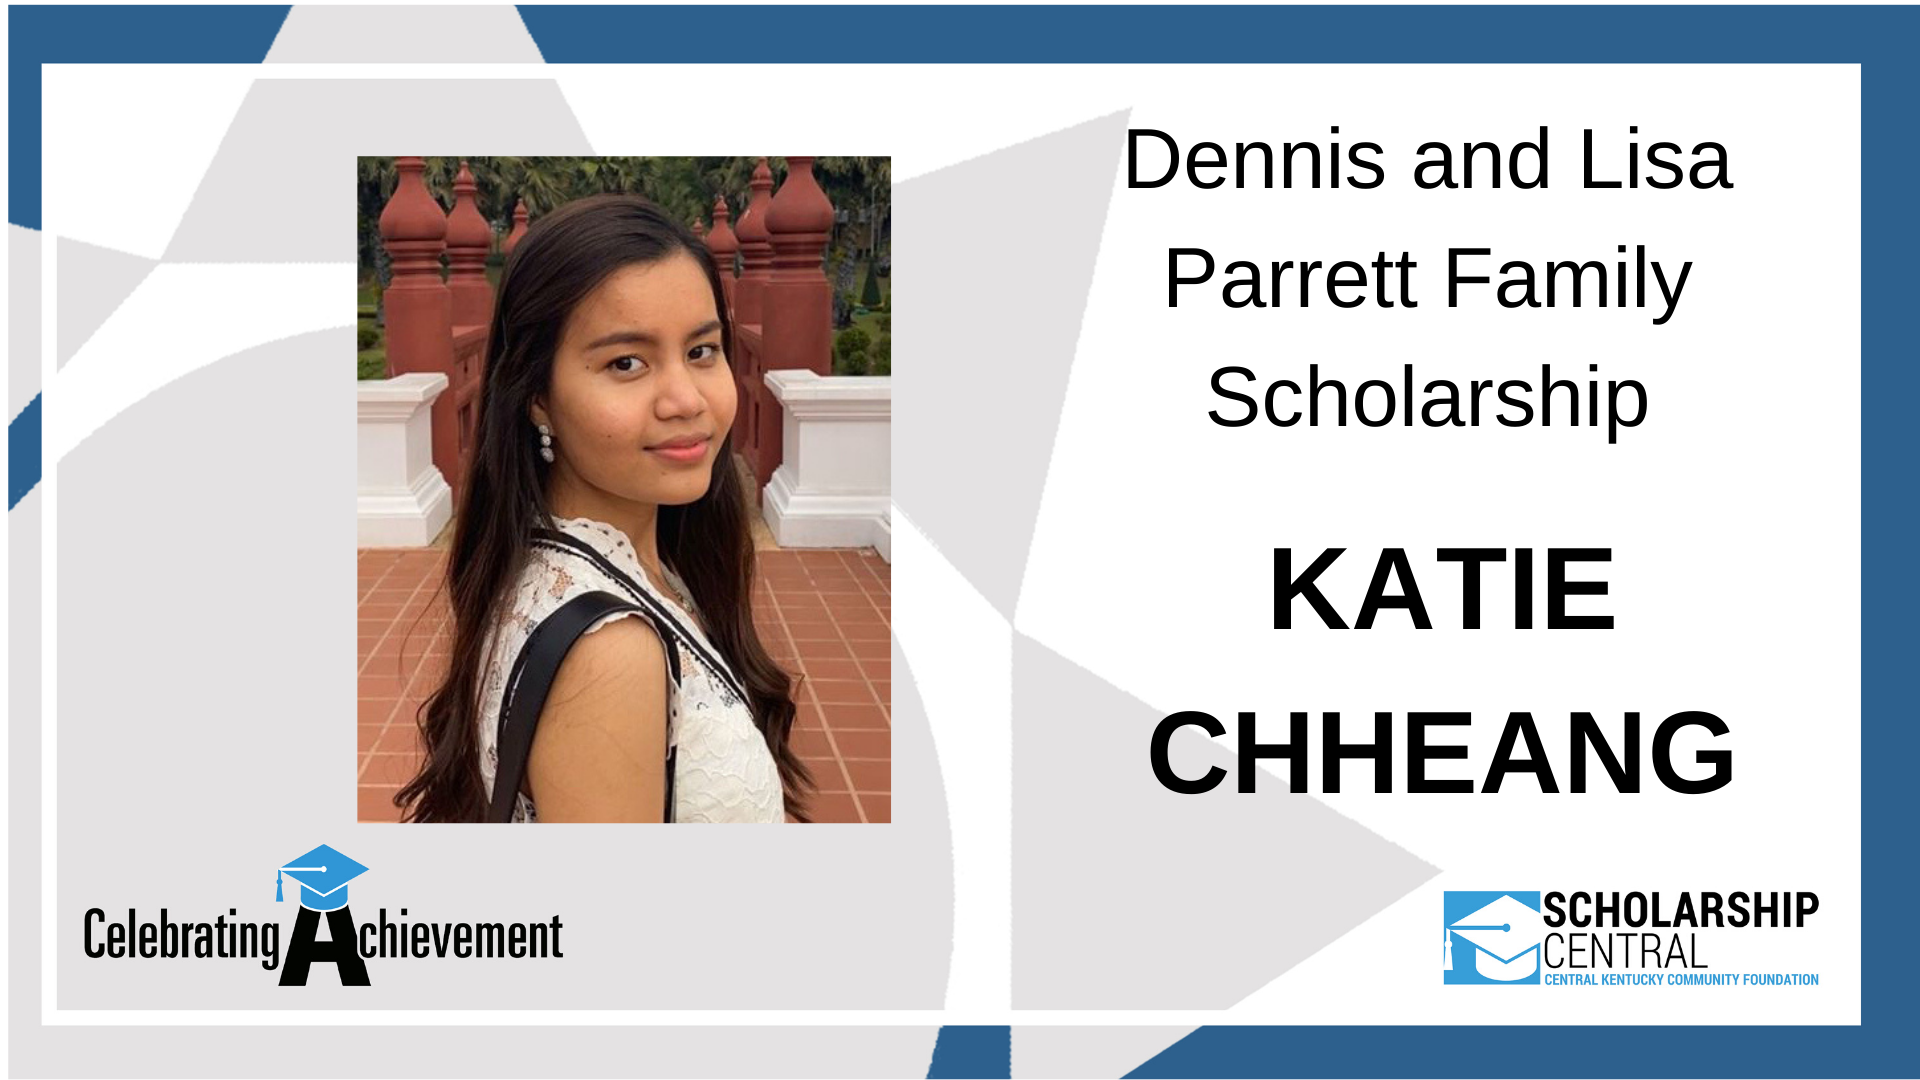 Dennis and Lisa Parrett Scholarship